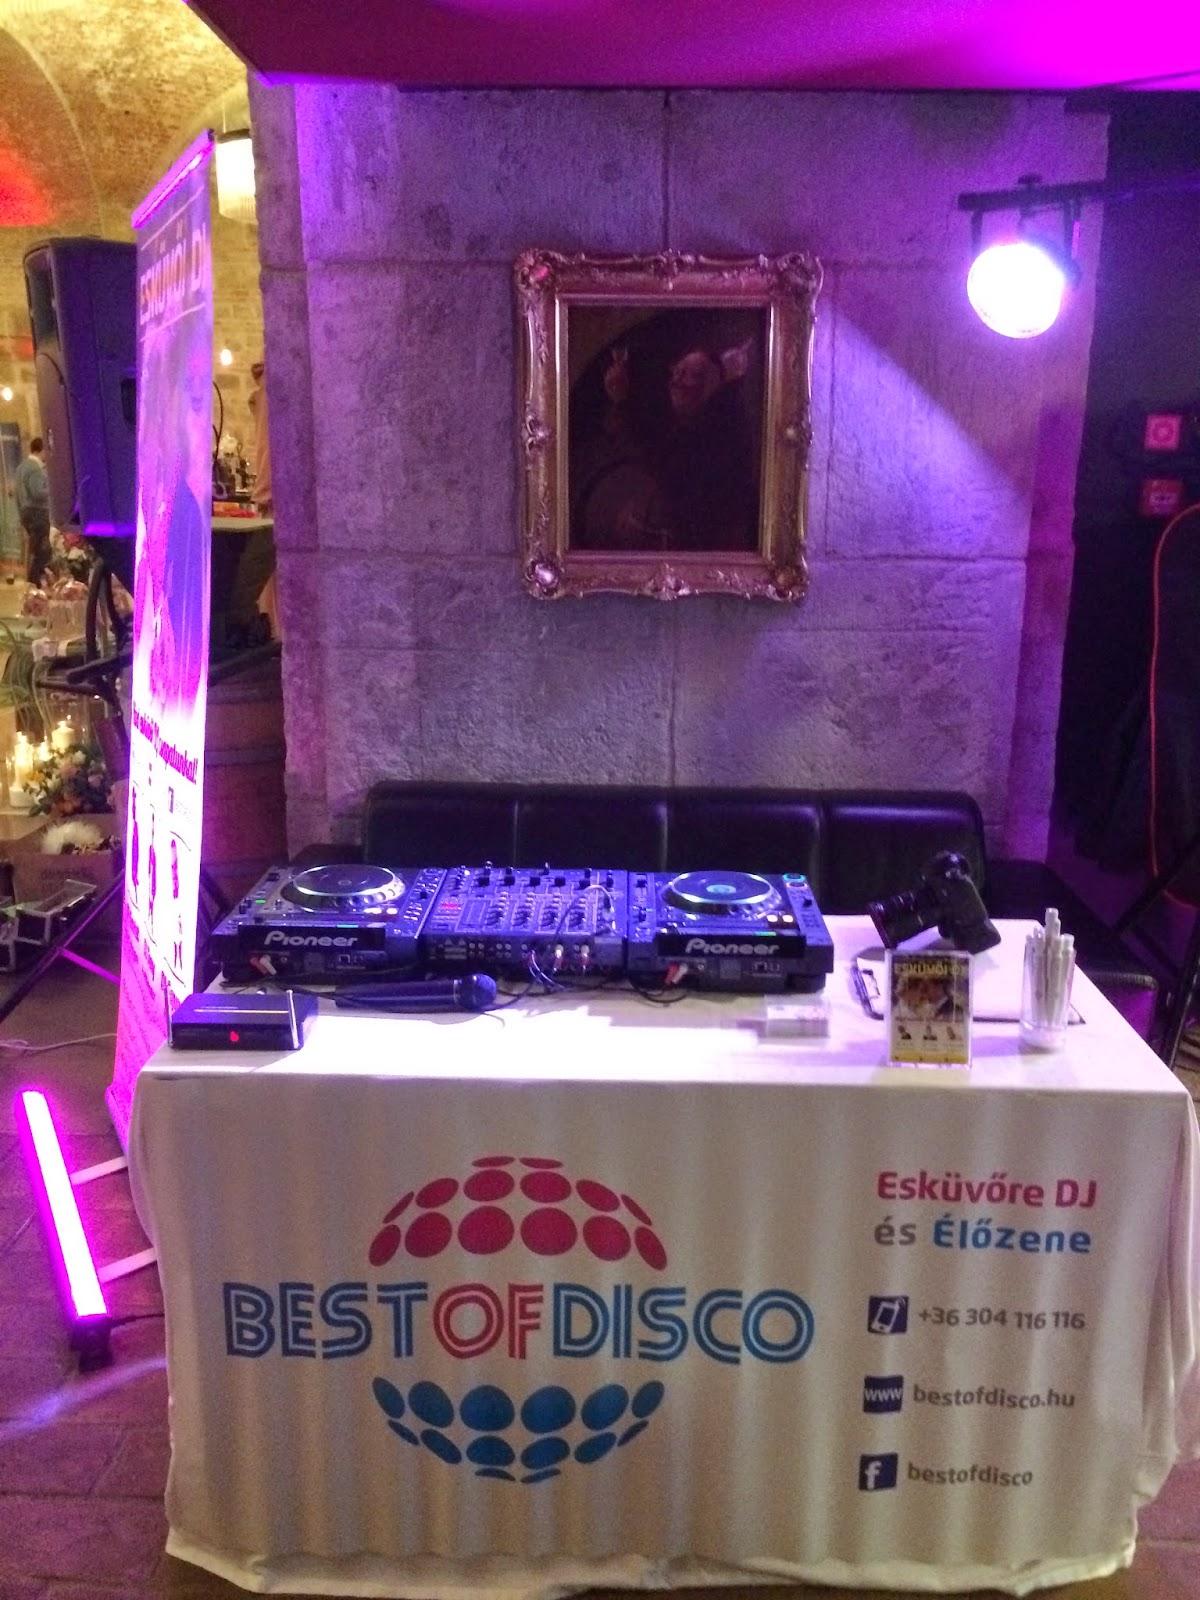 Bestofdisco kiállítás stand